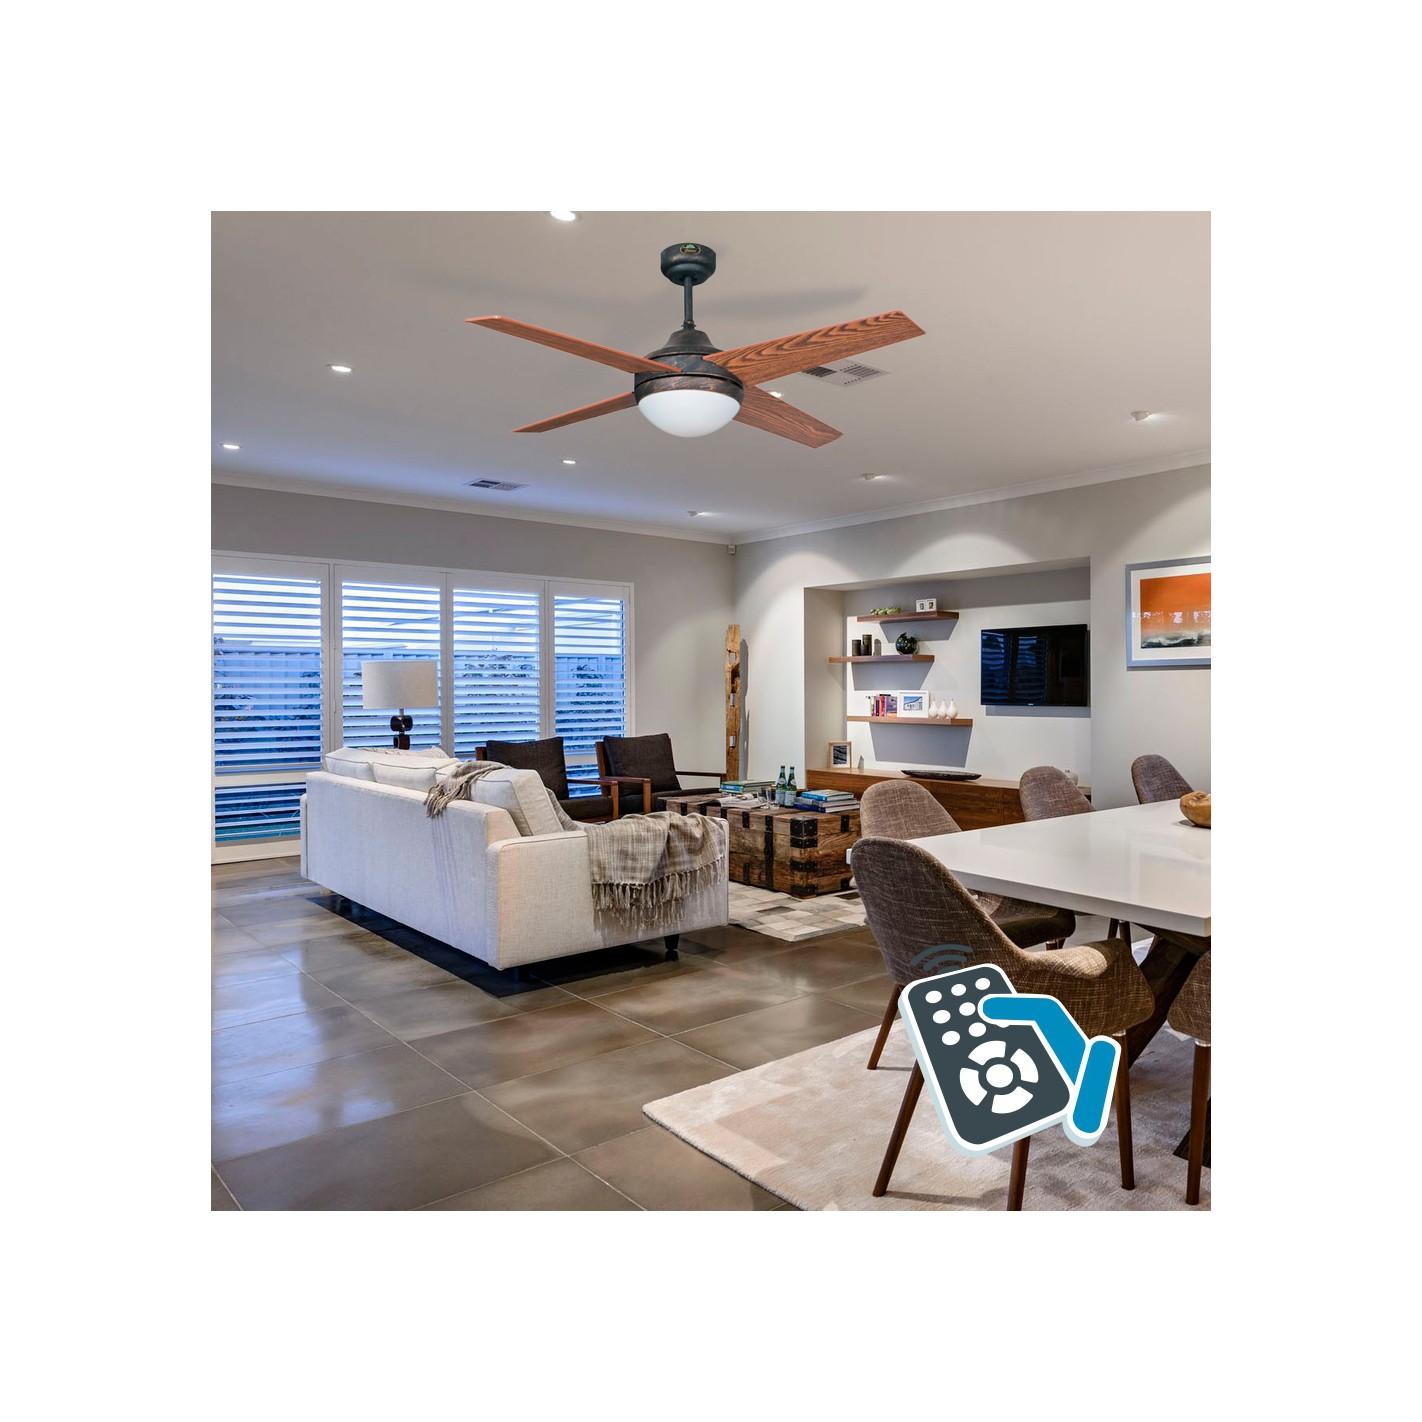 Ventilador de techo con luz r stico cerezo nogal serie - Ventiladores de techo rusticos ...